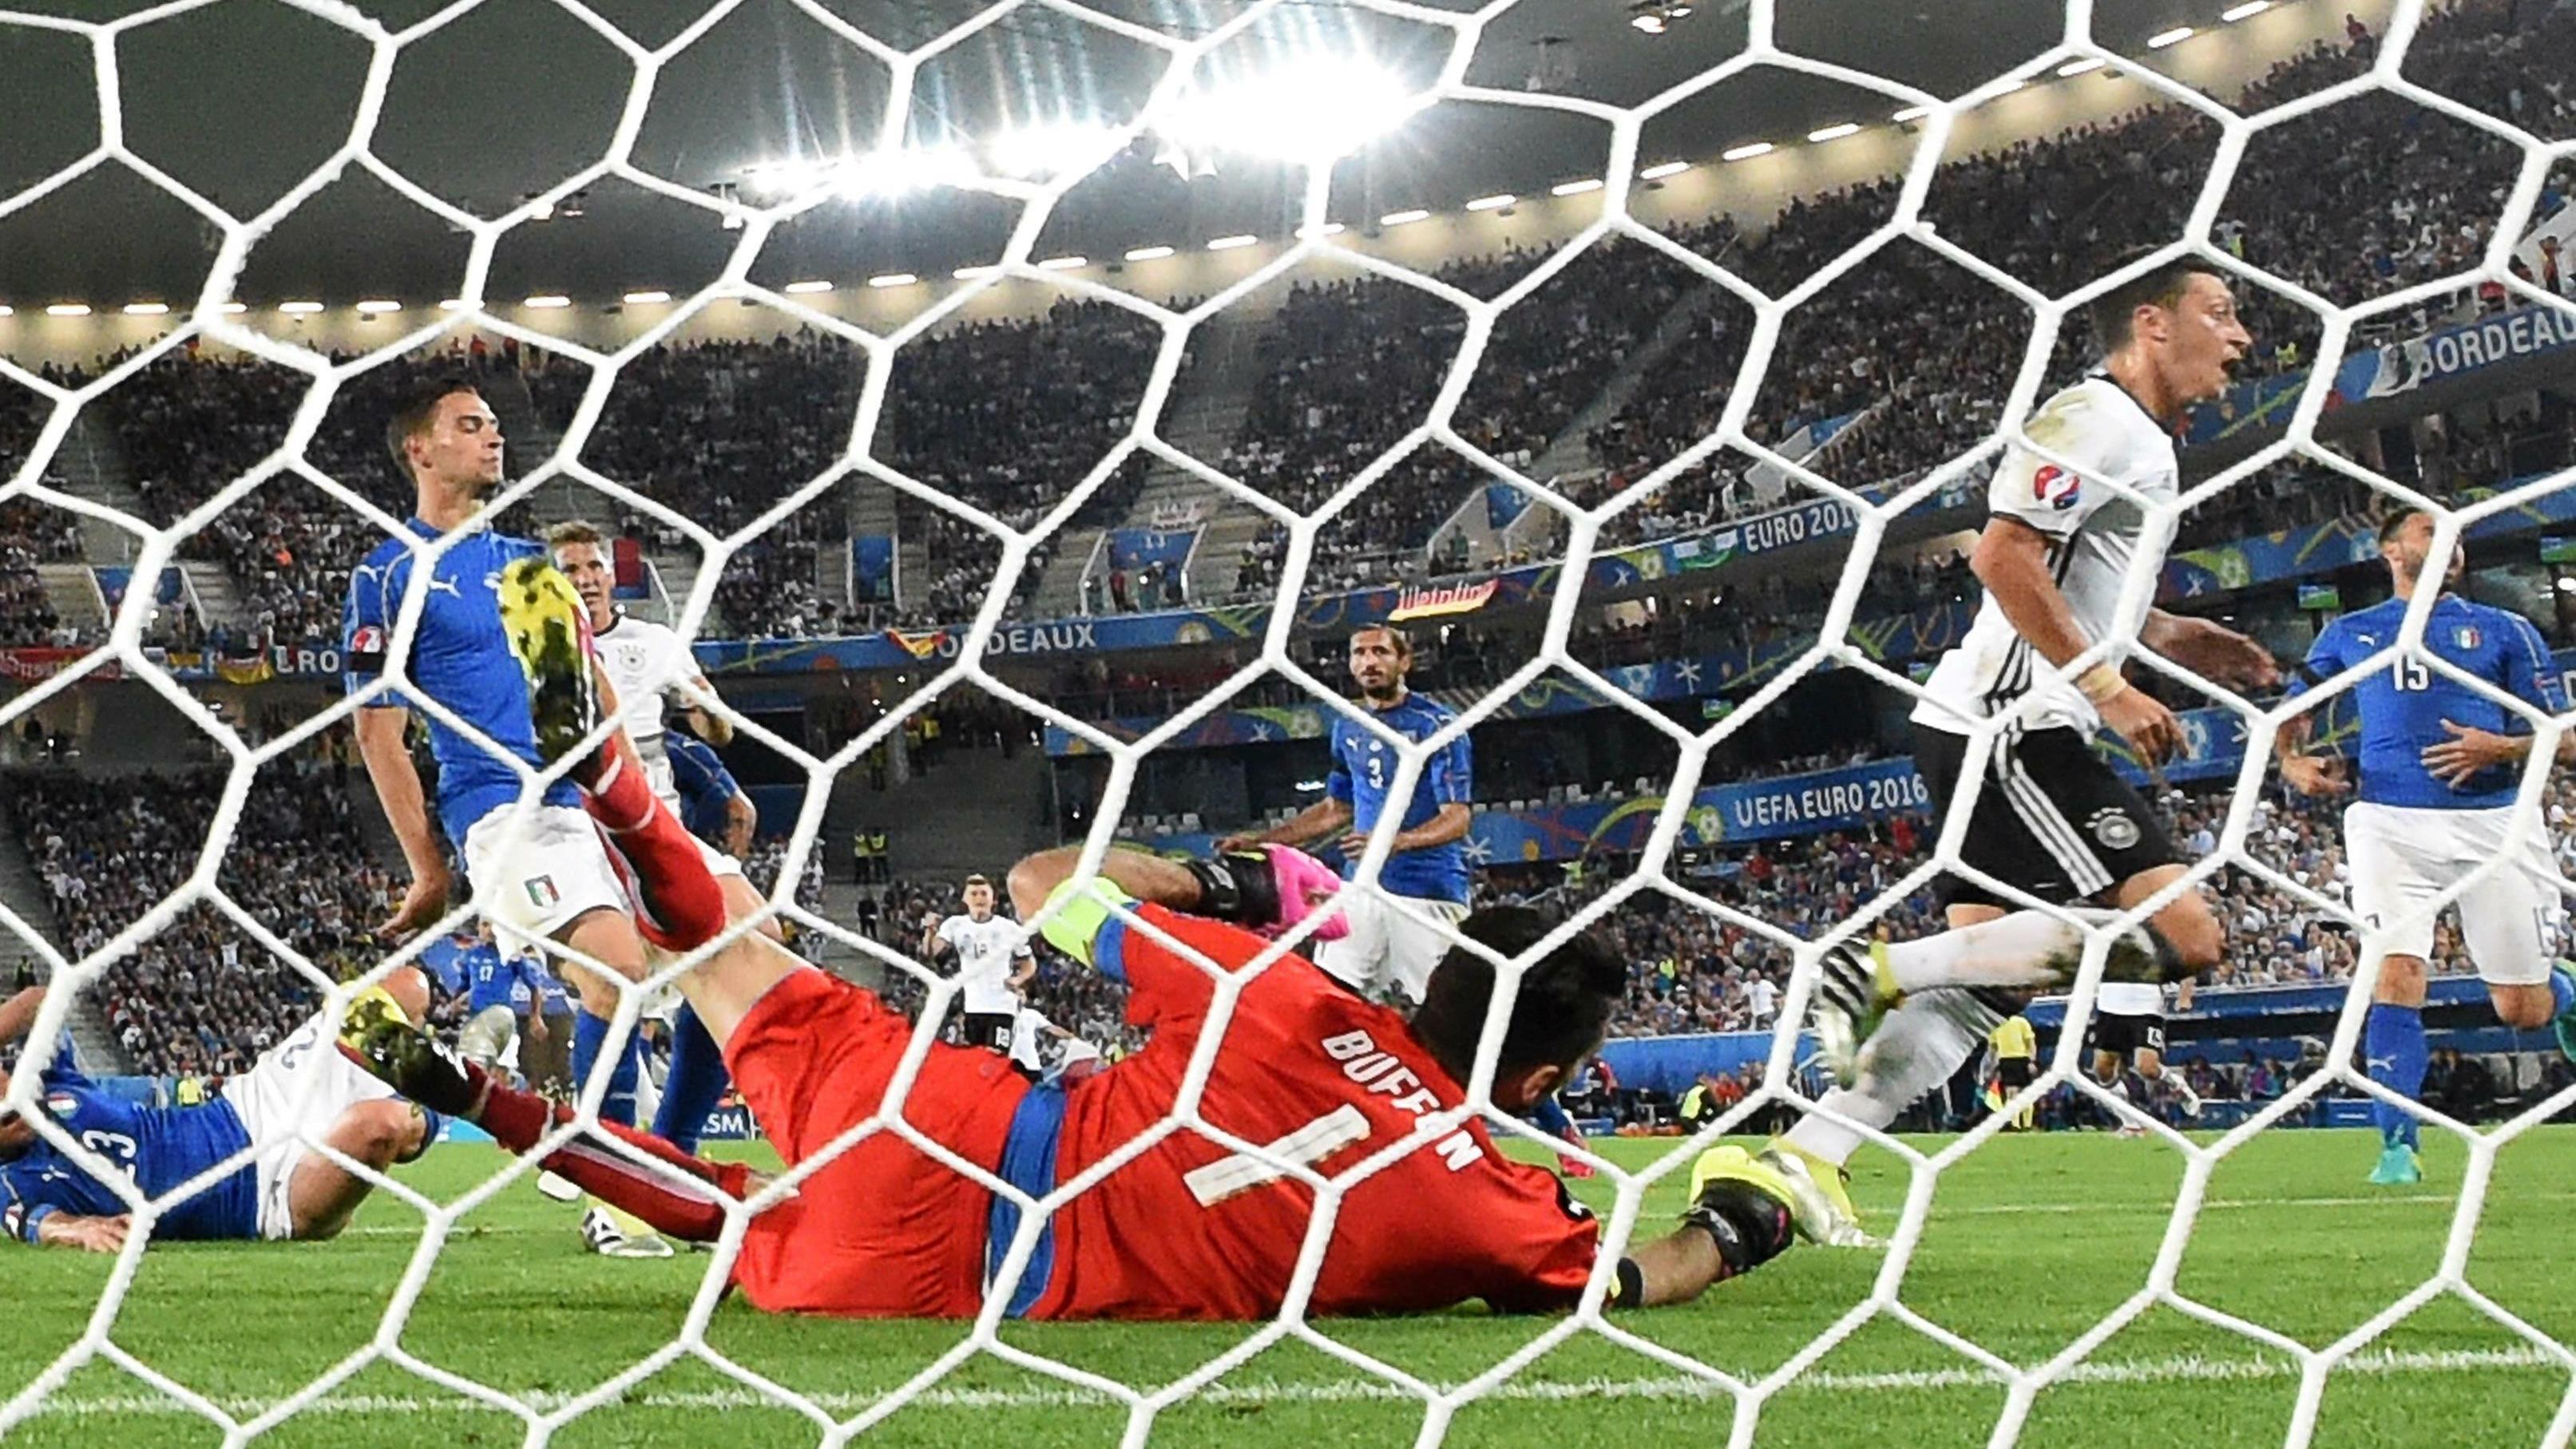 5a143d1e2 Euro 2016: Dzień XXIV relacja na żywo. Francja - Islandia w ćwierćfinale - EURO  2016